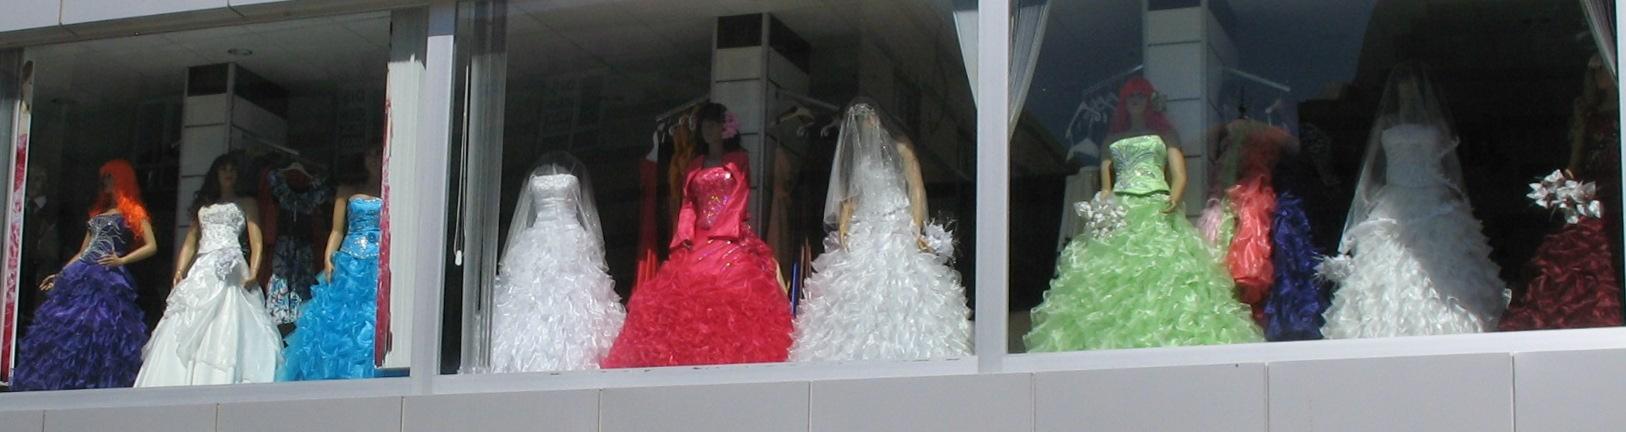 robe de mariage gitan a vendre - Mariage Gitan Voyageur